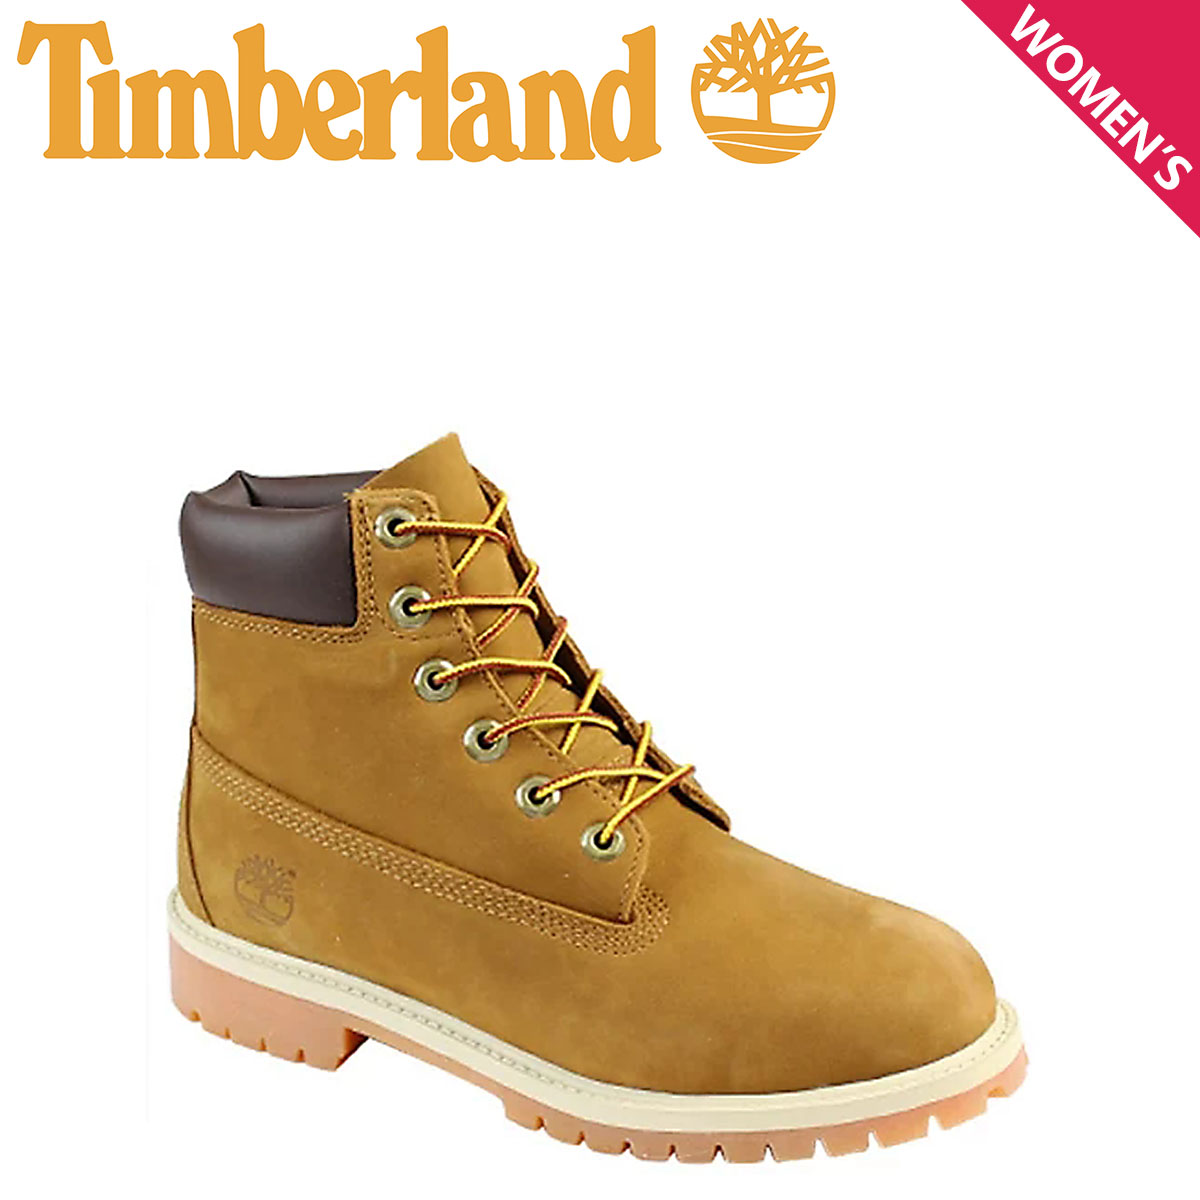 ティンバーランド Timberland レディース ブーツ 6インチ JUNIOR 6INCH PREMIUM BOOT 14949 プレミアム 防水